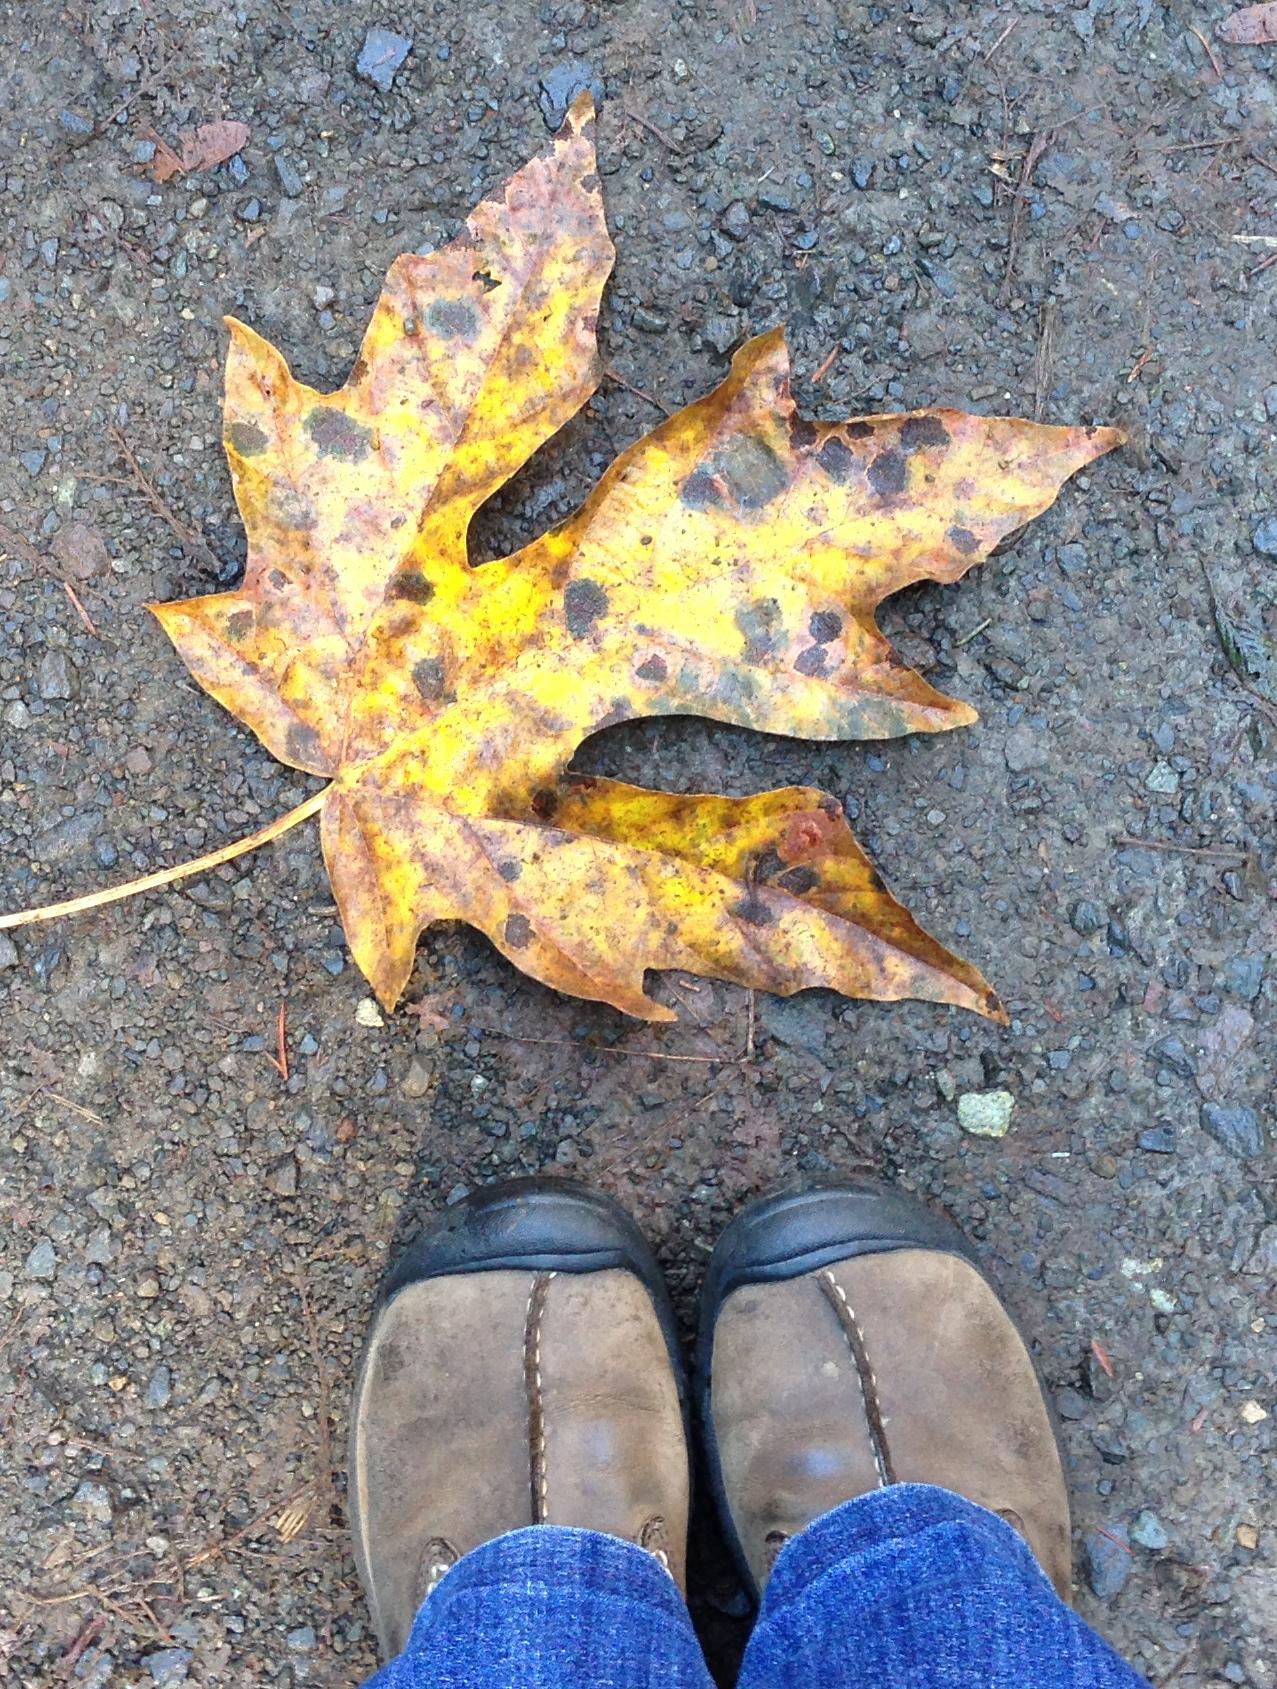 That's a big maple leaf!